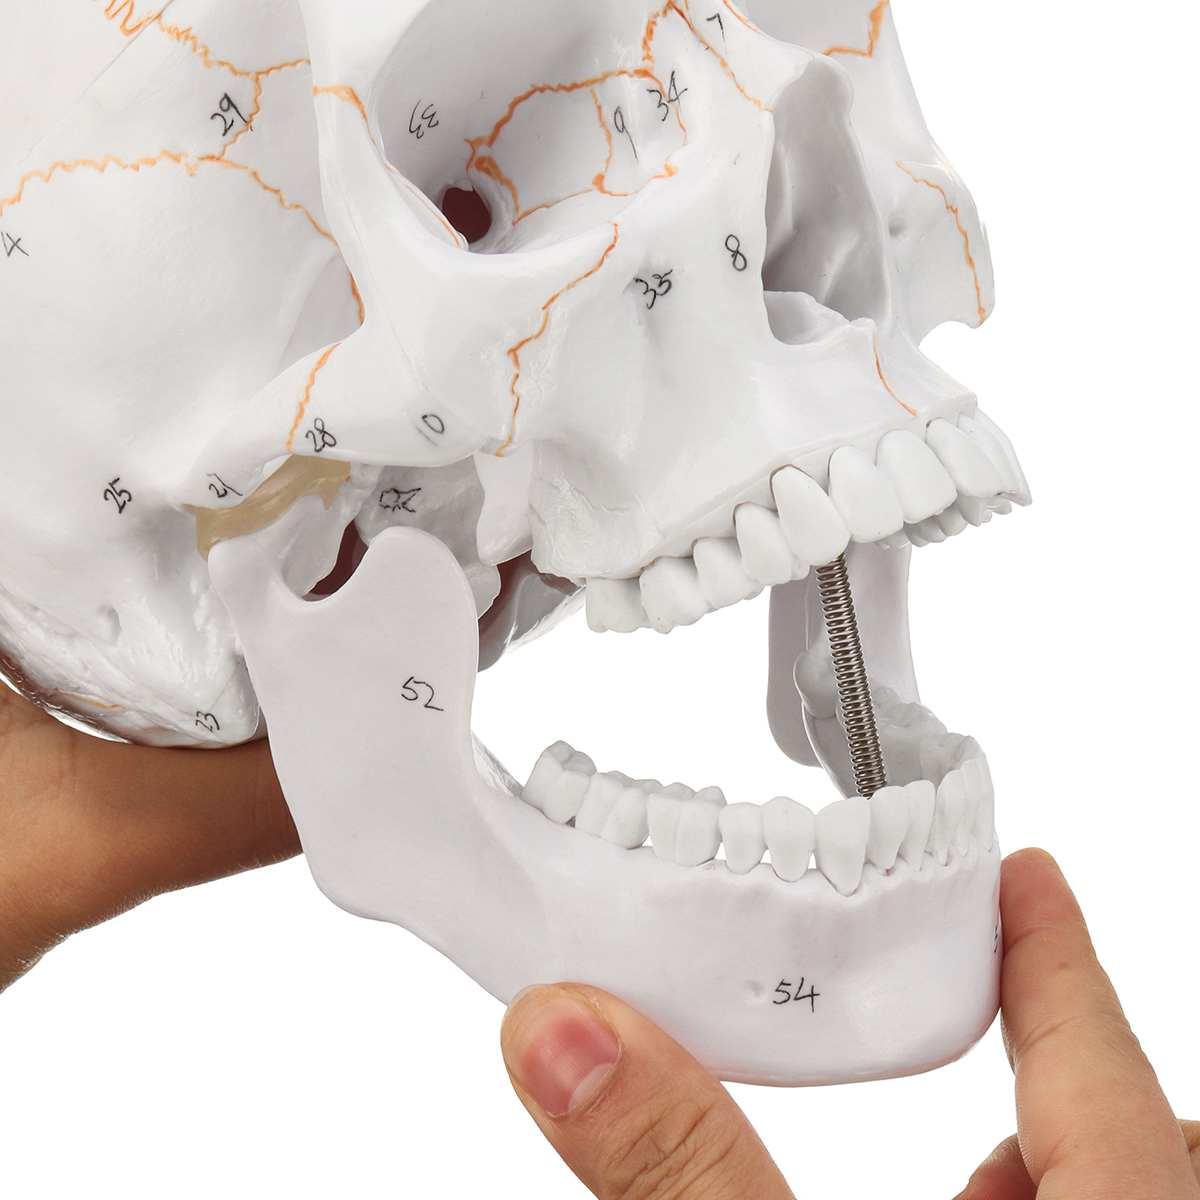 Tête Squelette Crâne 1:1 Modèle L'enseignement de La Science Médicale Vie-taille Crâne pour L'école L'anatomie Humaine Précis Adulte Tête Médicale modèle